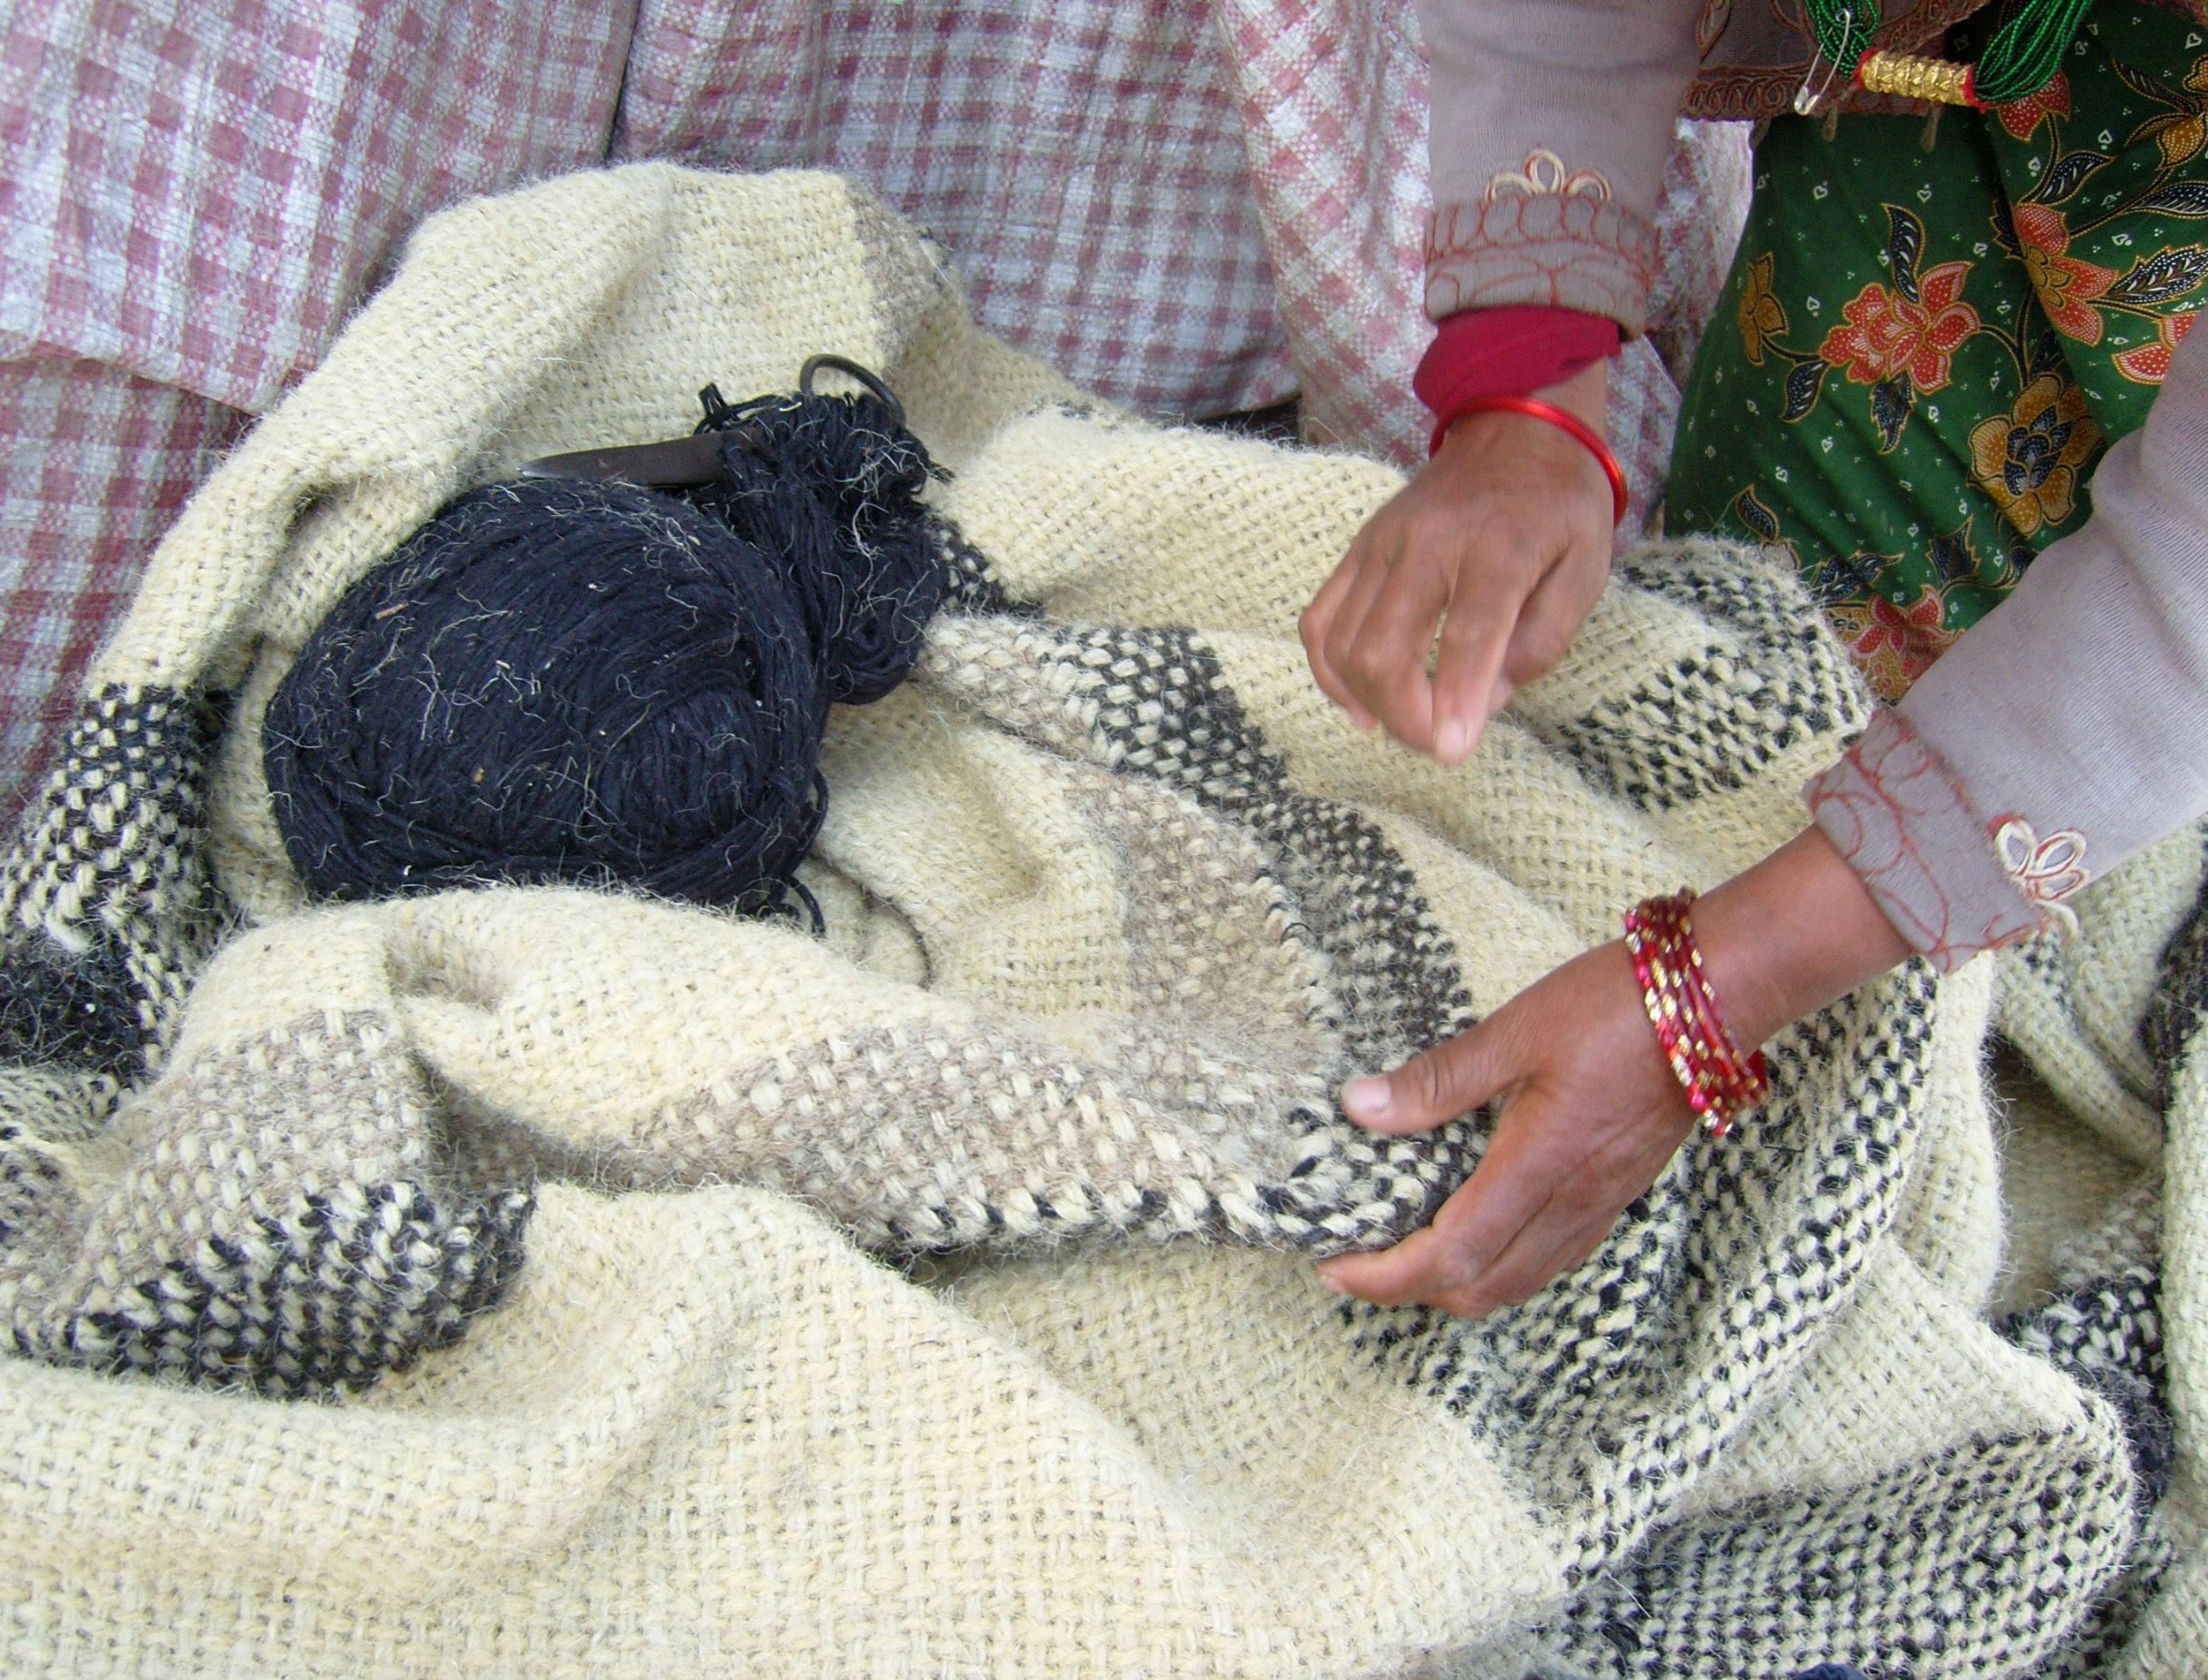 Woven radhi prior to felting